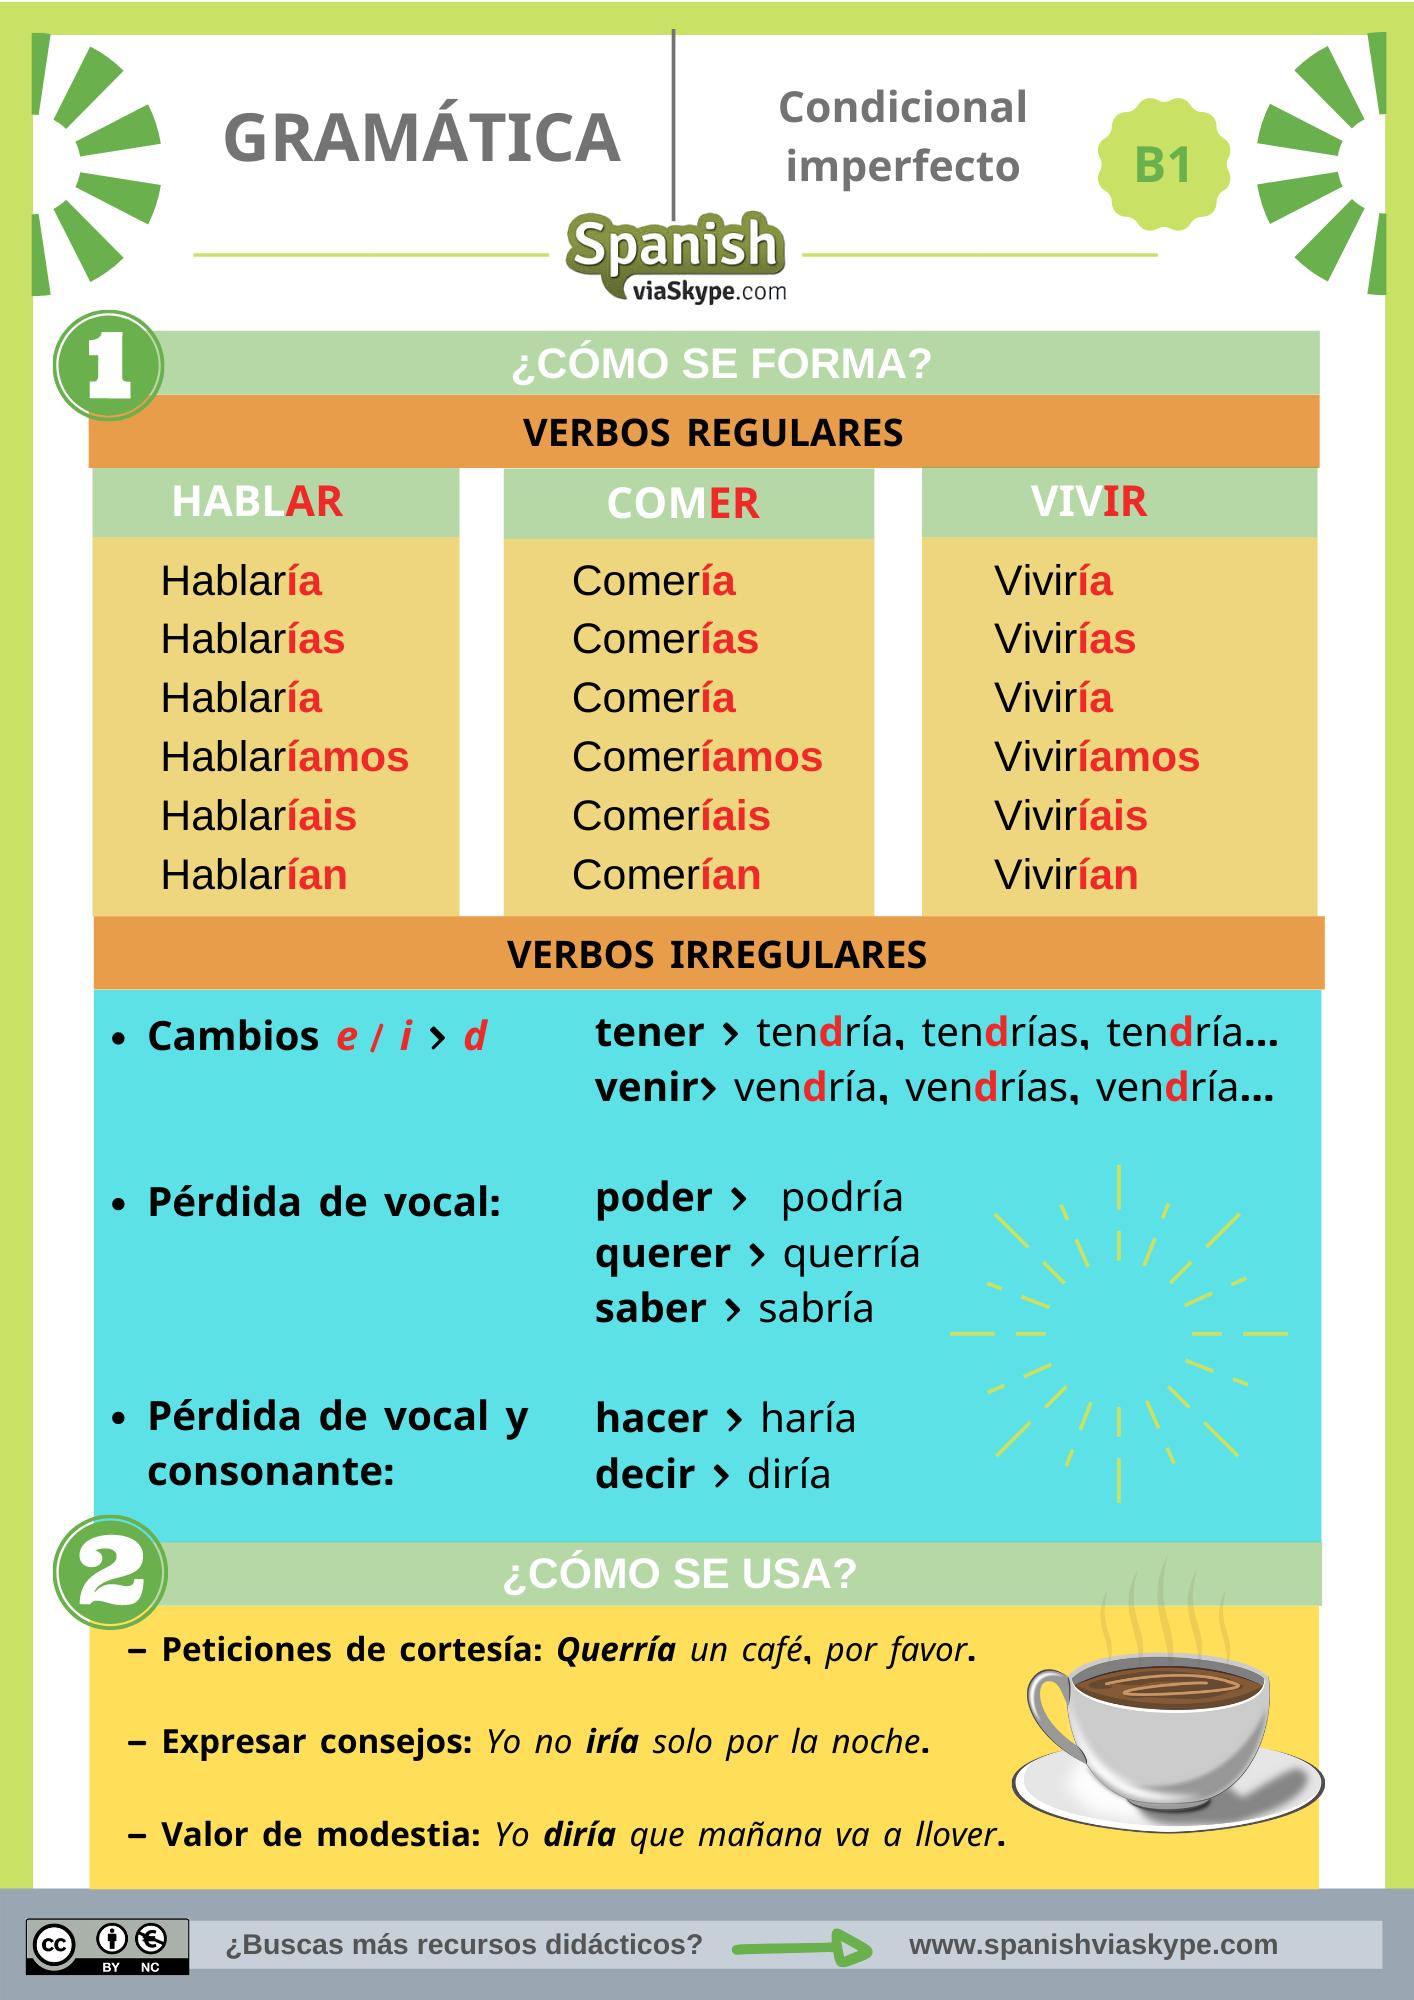 Infografía: el condicional imperfecto en espanol